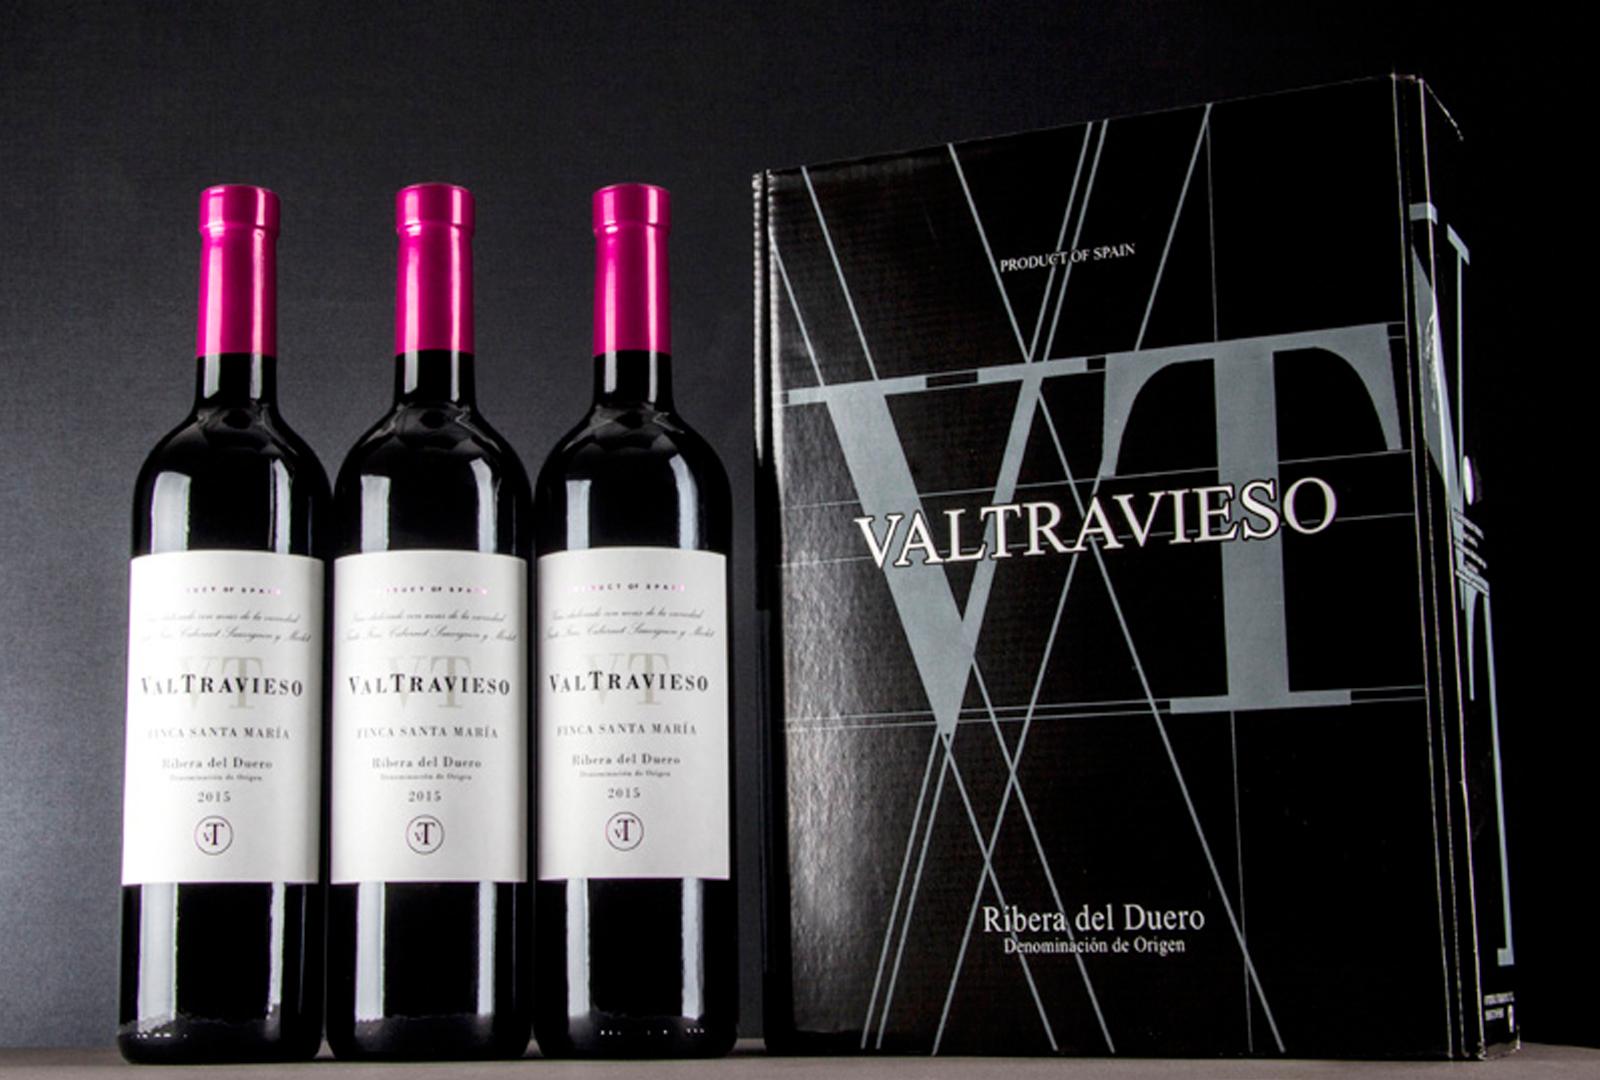 Finca Santa María el nuevo vino de Valtravieso.